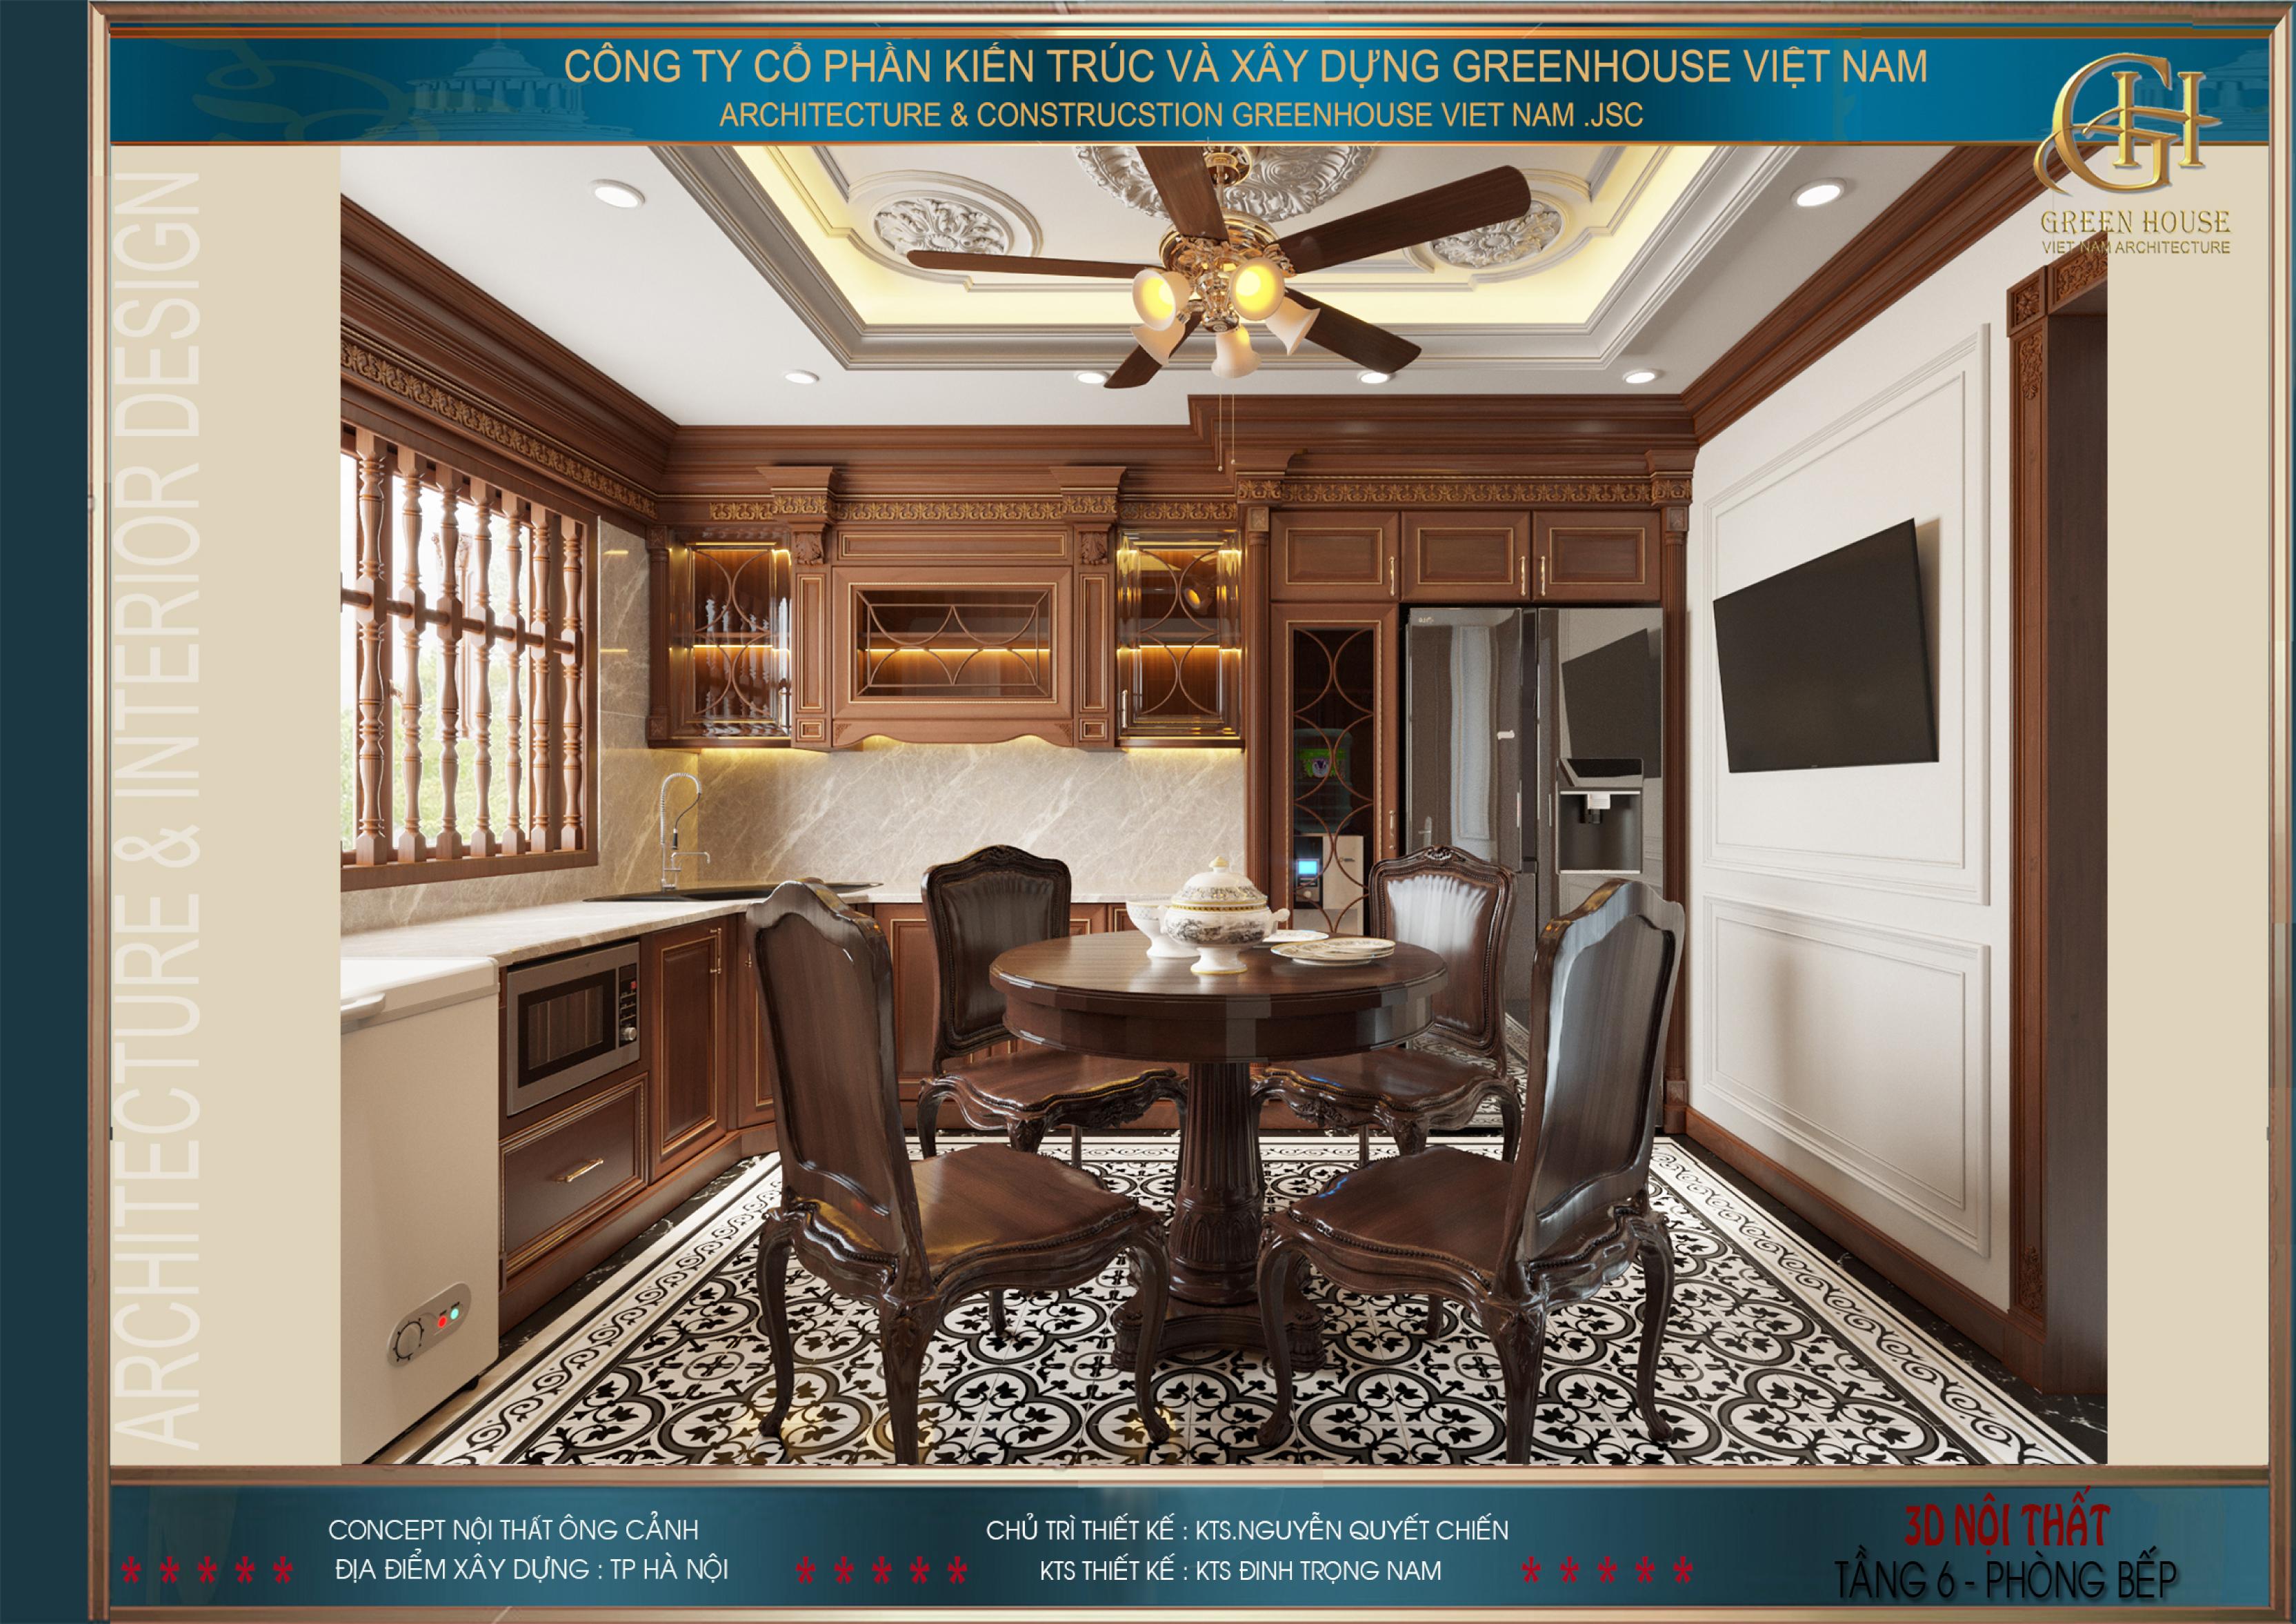 Nội thất phòng bếp được bố trí gọn gàng, vừa khít và tối ưu công năng sử dụng